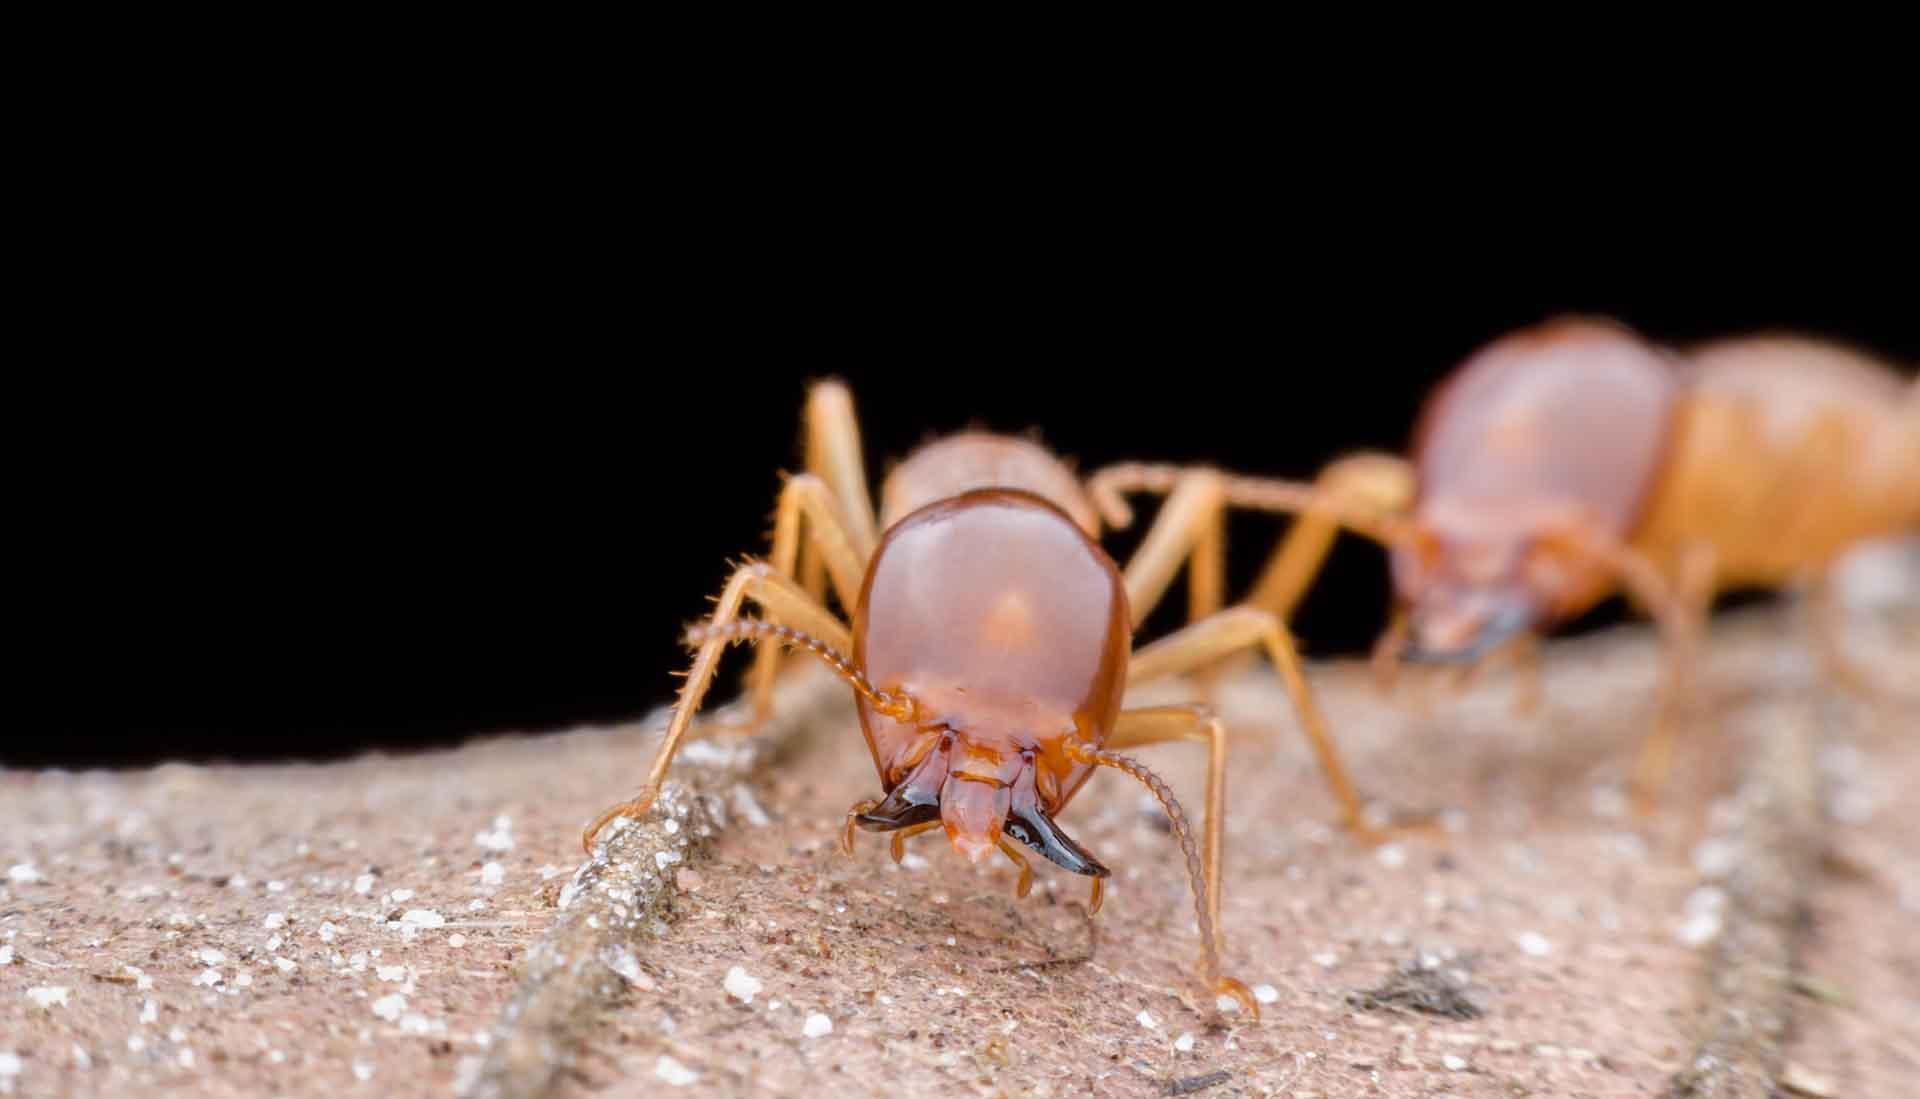 Tratamiento de termitas. Deshacerse de las termitas